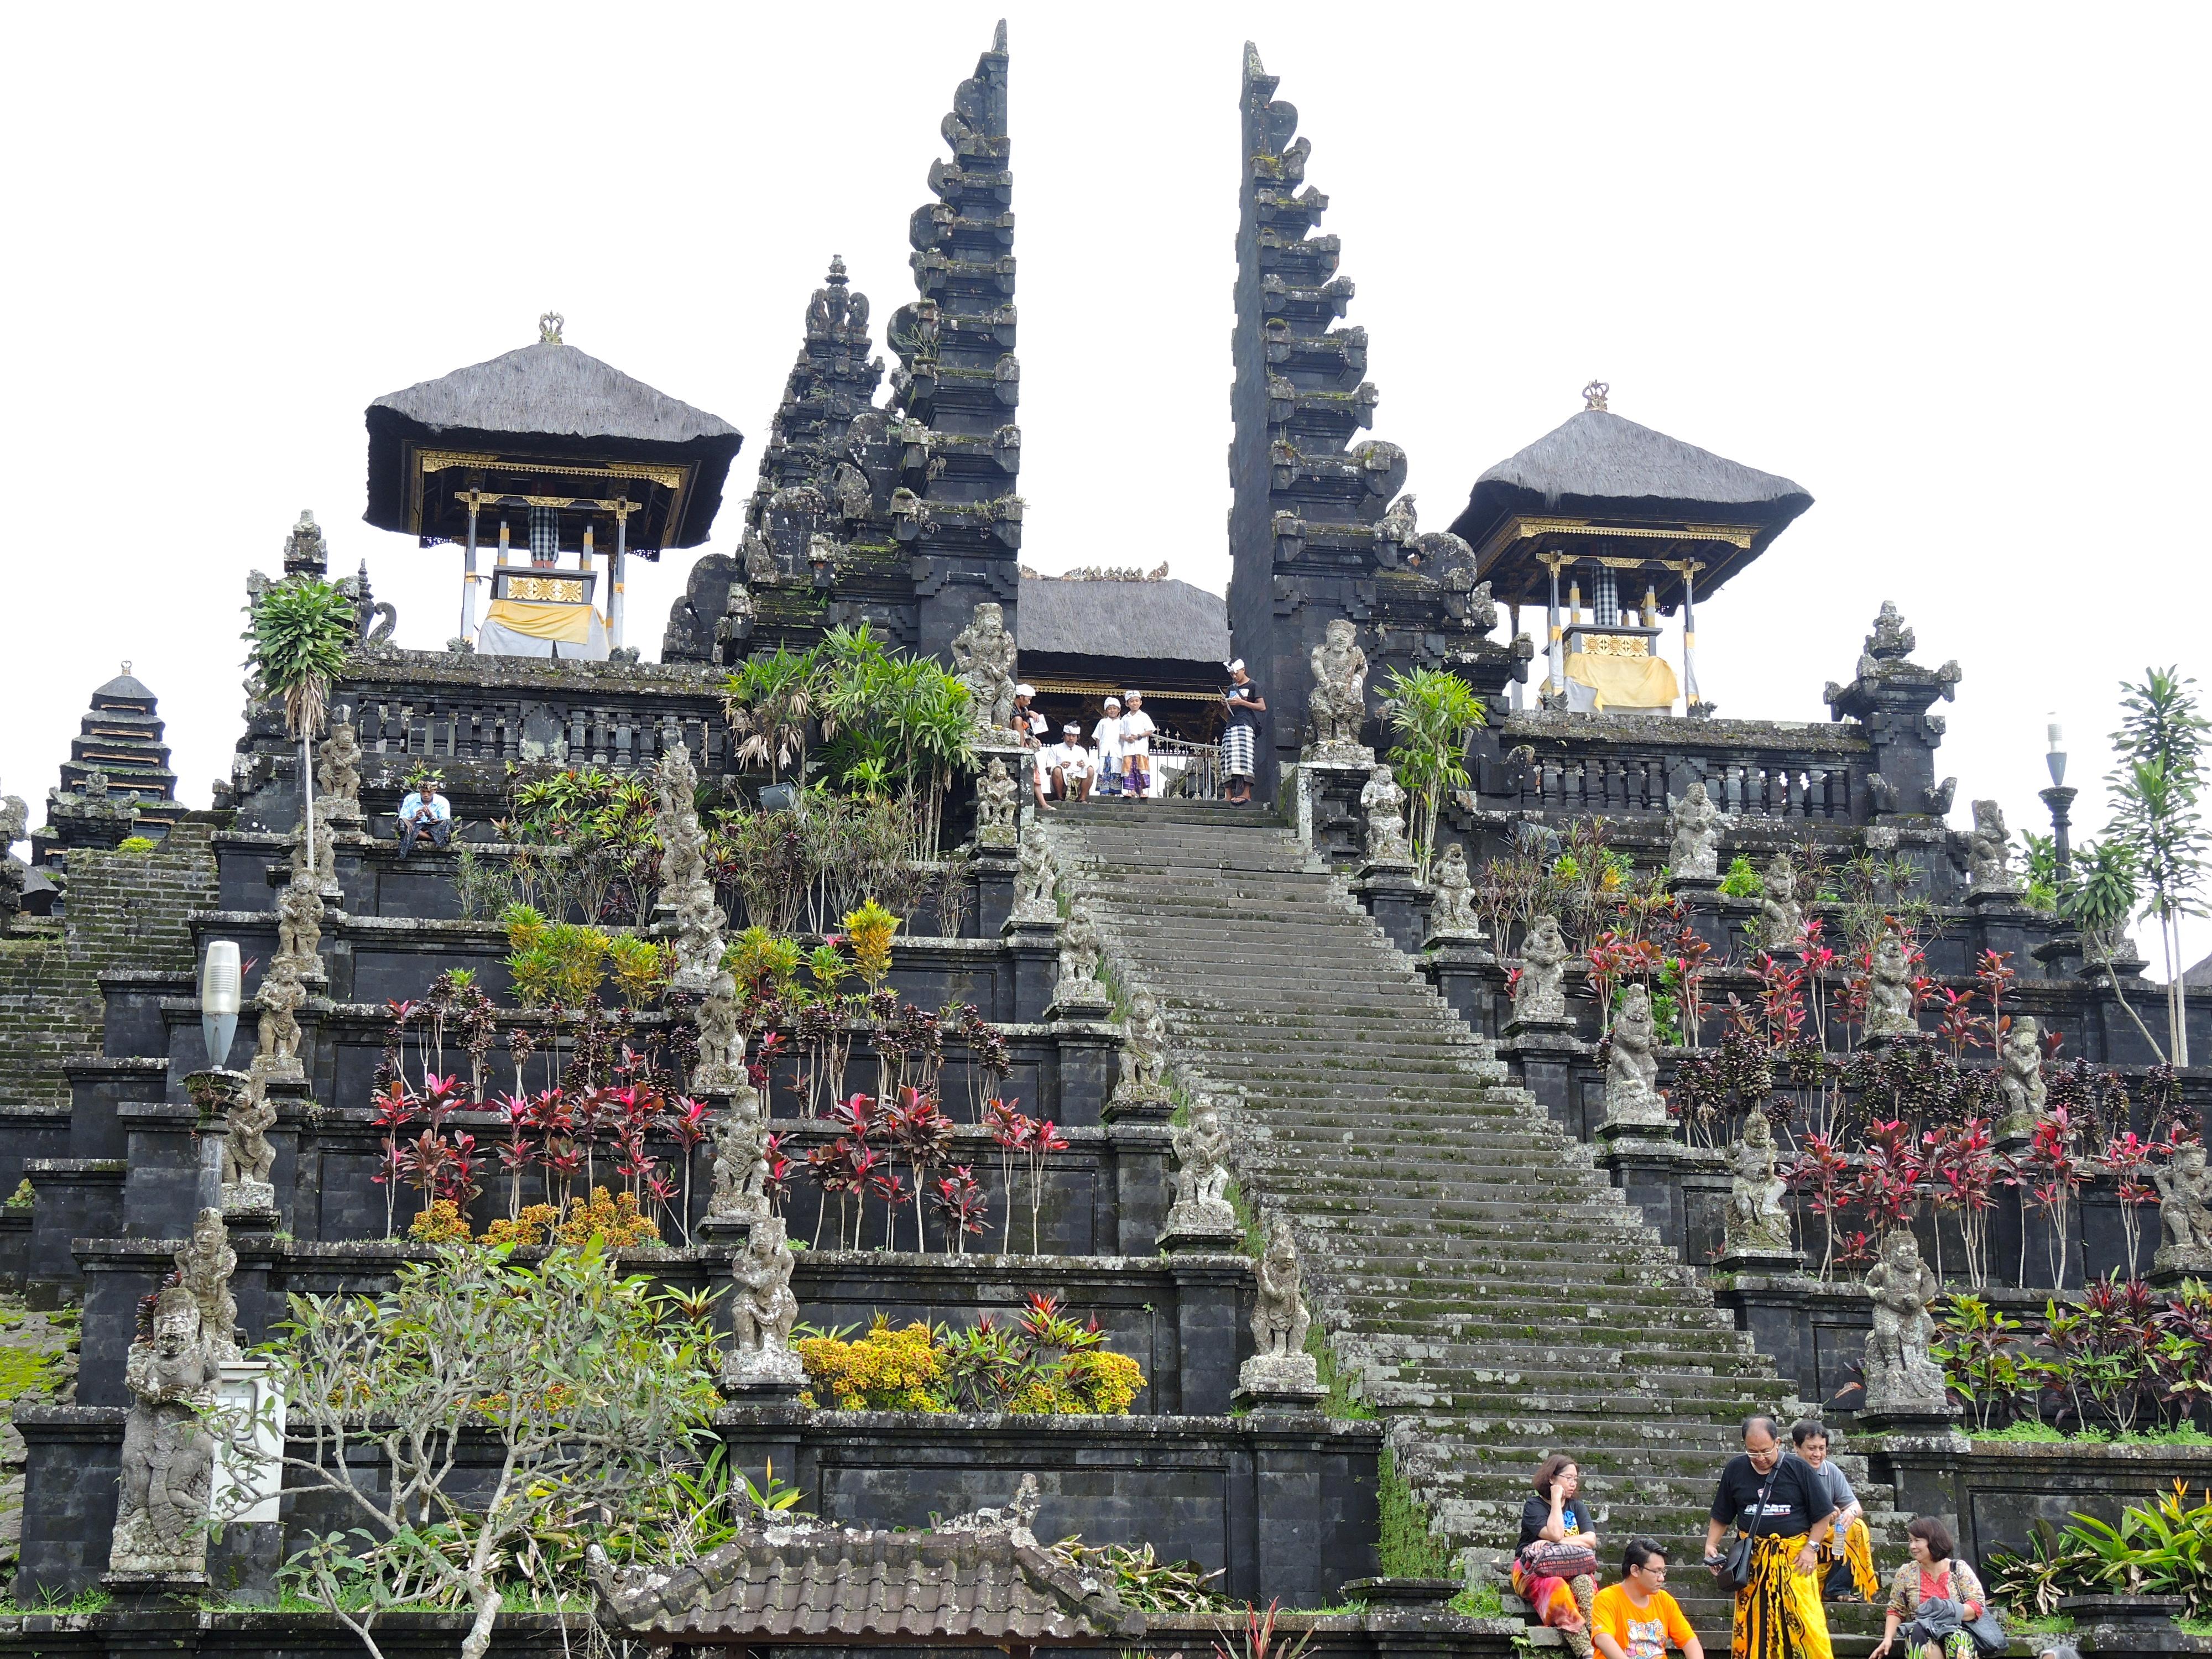 Get spiritual at Besakih temple